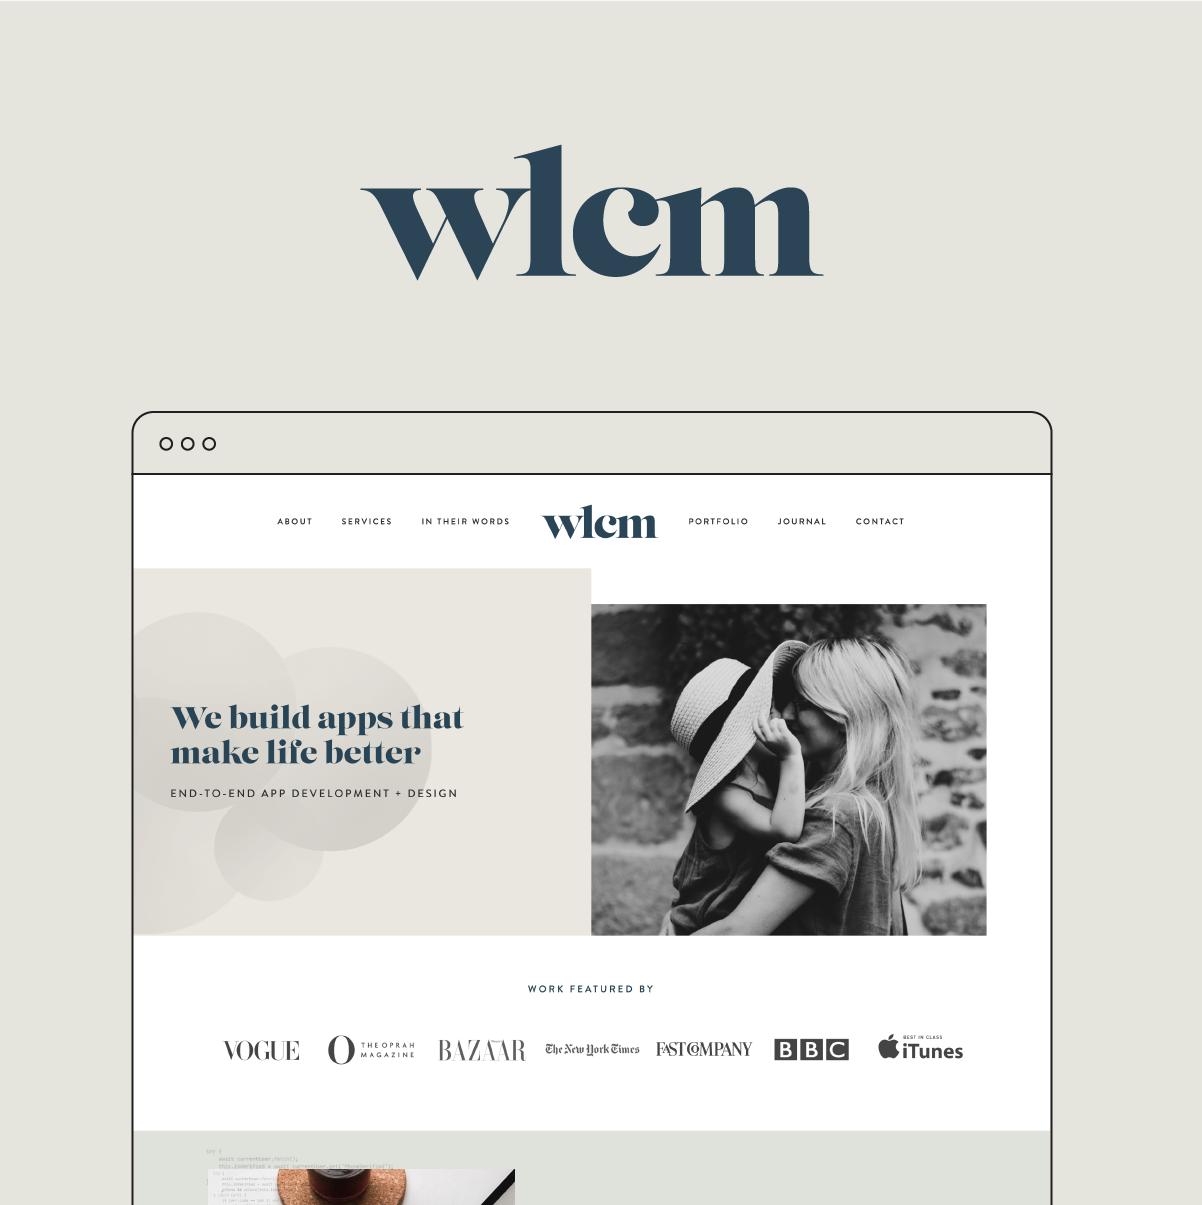 WLCM_IG_Swipes__1.png